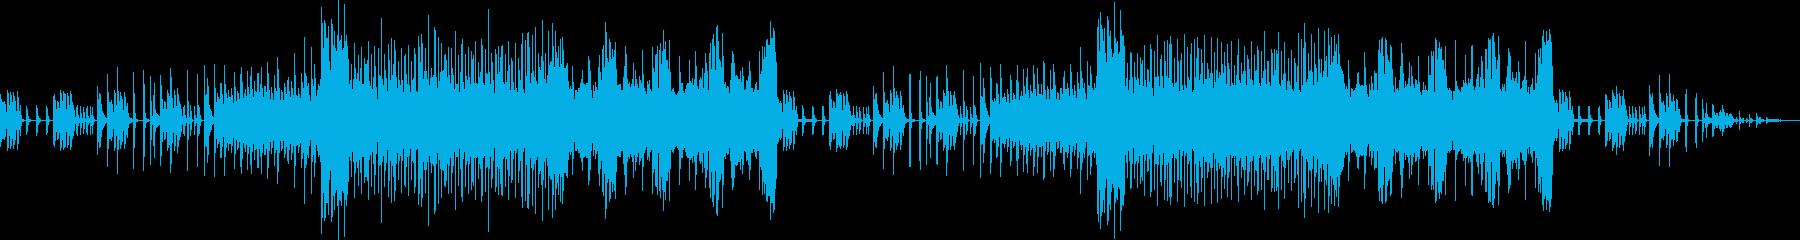 レトロゲーム風BGM(緊迫、戦闘)の再生済みの波形